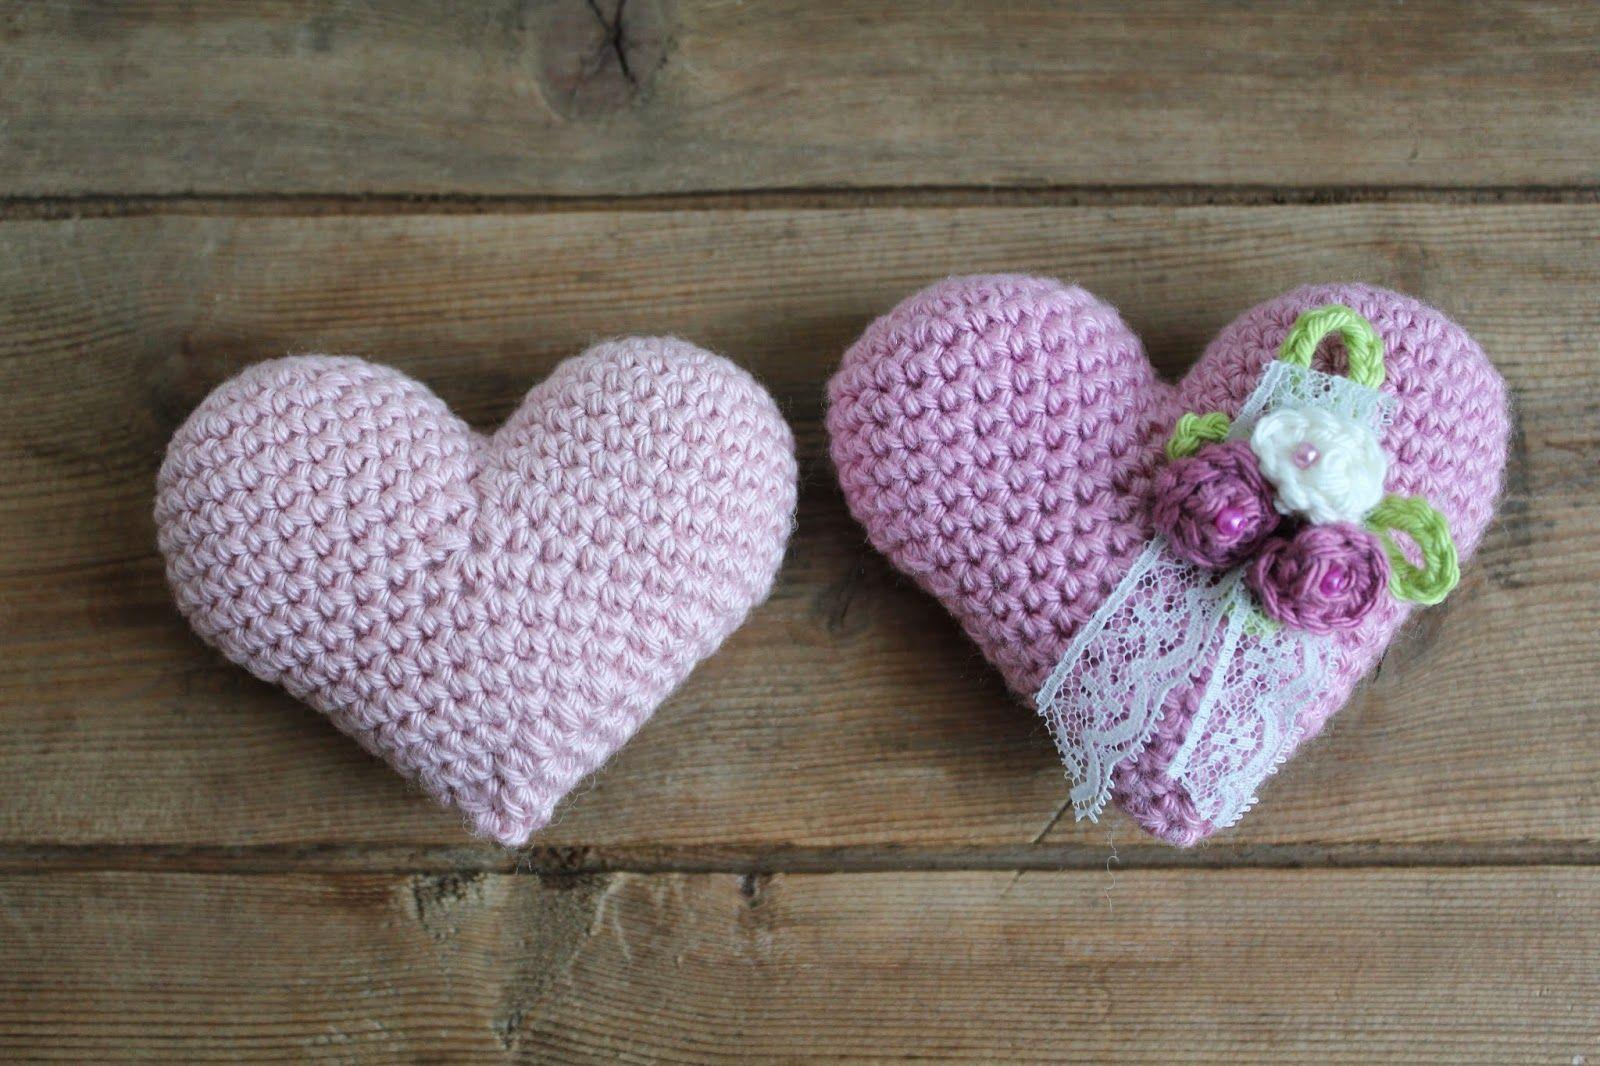 Steen i stugan: Virkade hjärtan med små rosor på